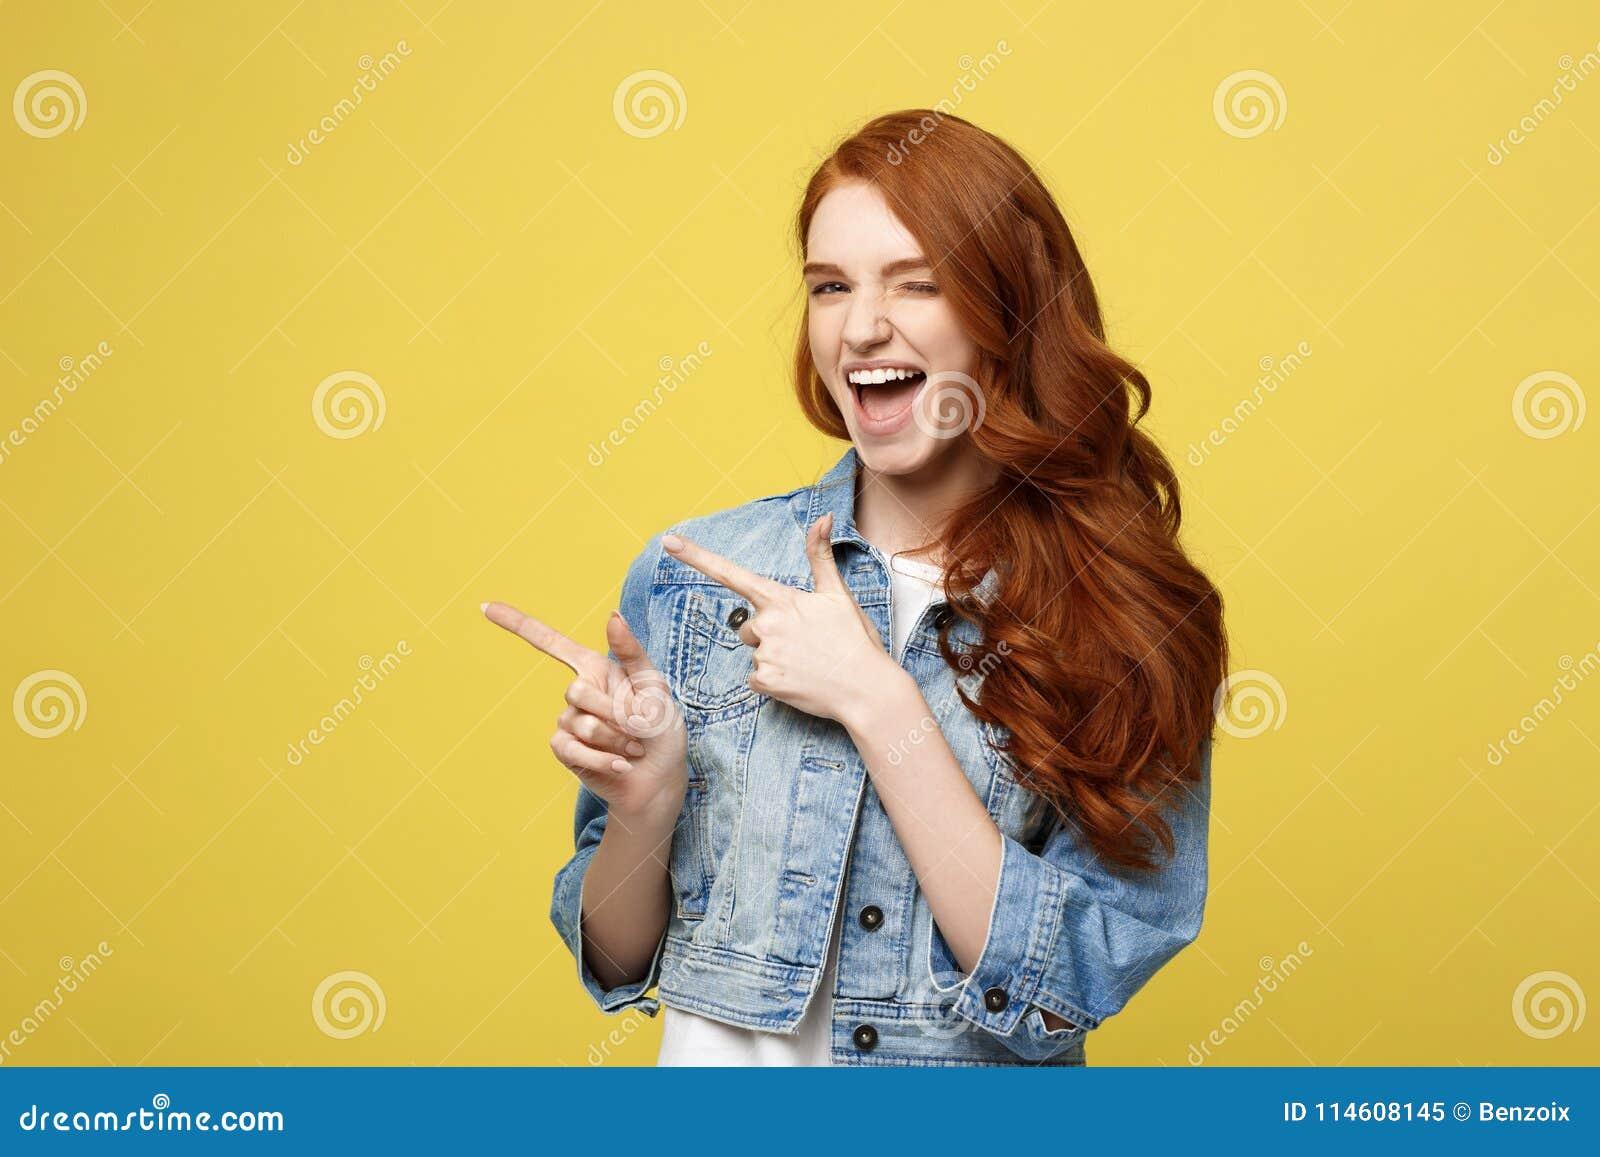 生活方式概念:指向在拷贝空间的愉快的激动的cuacaisan旅游女孩手指在金黄黄色